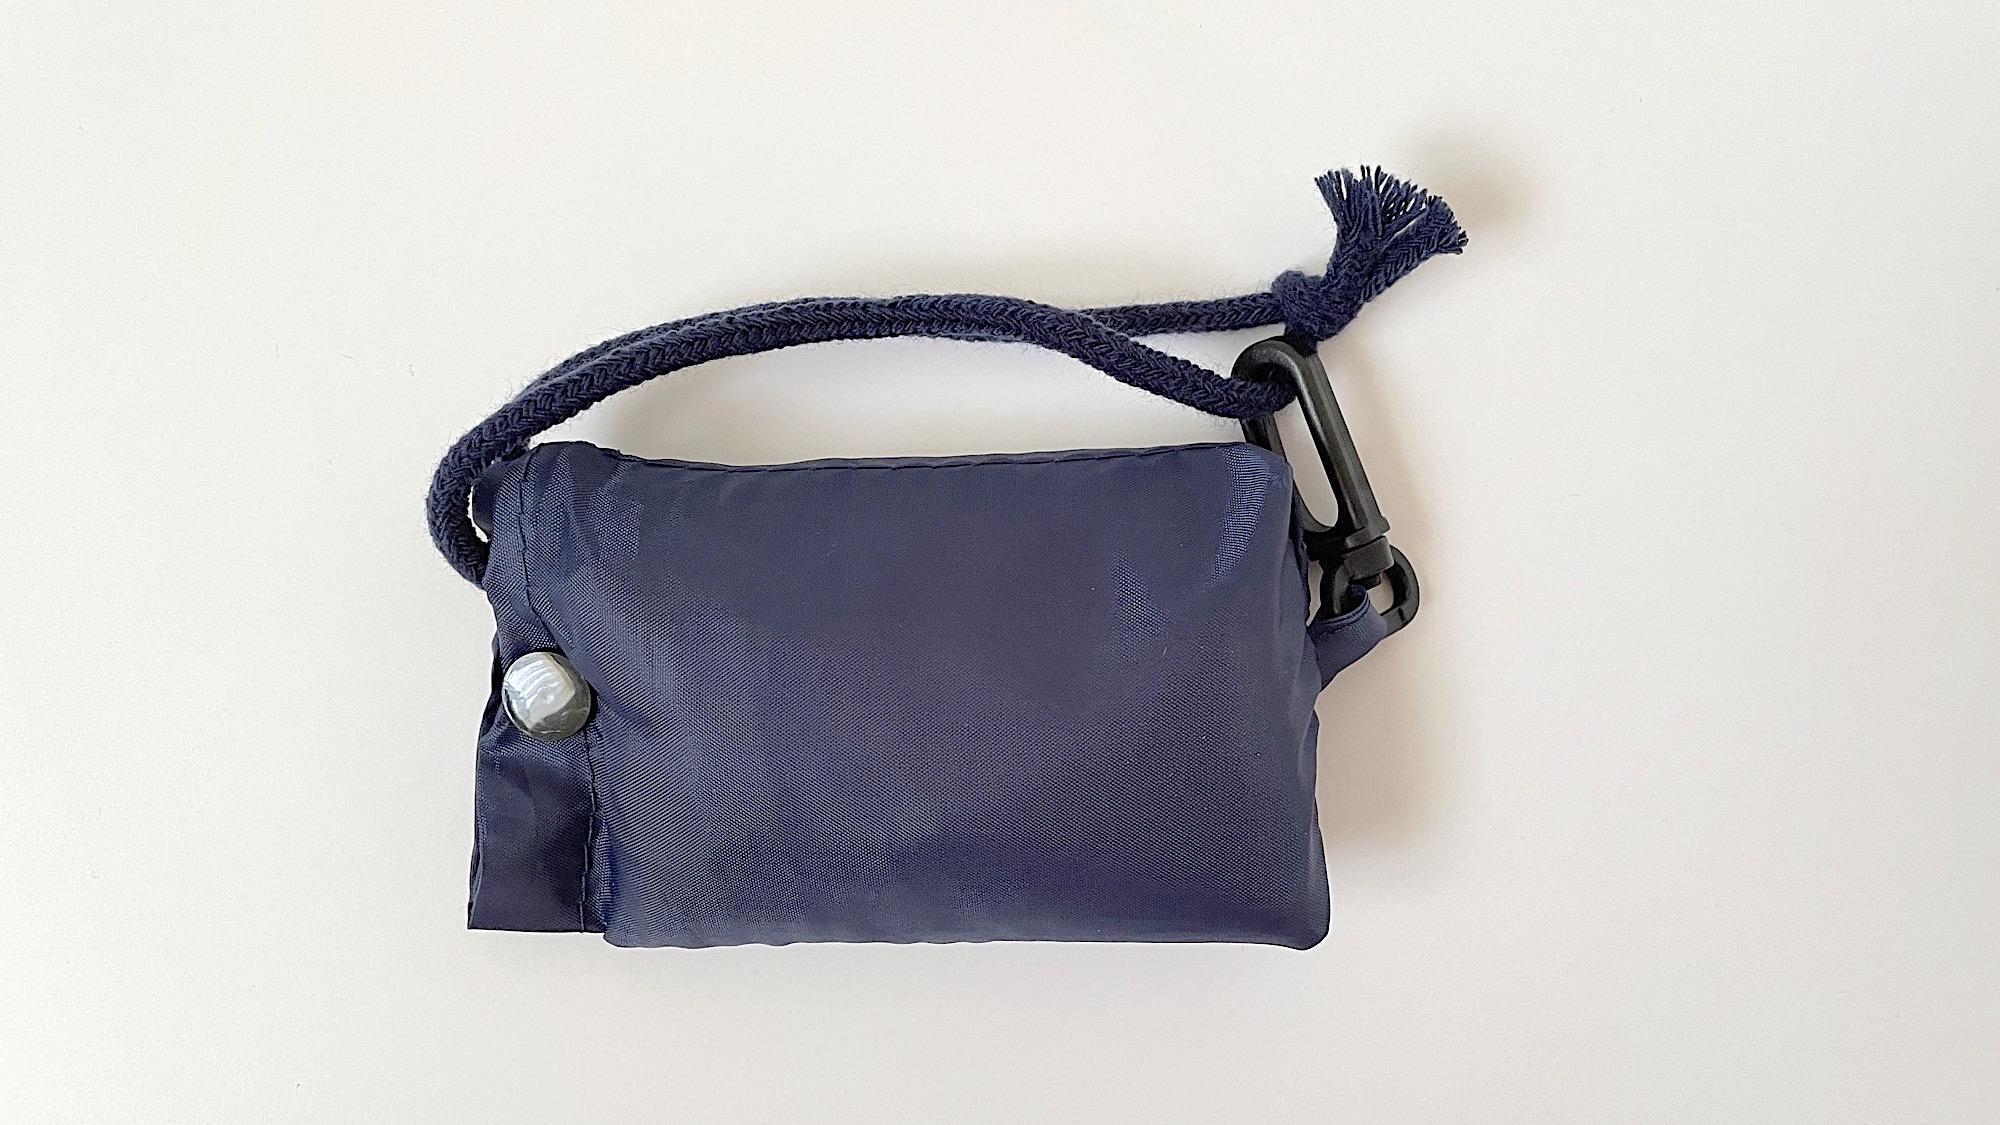 エコバッグを外袋に入れるーエコバッグをたためない!イライラを解消するアレンジ方法